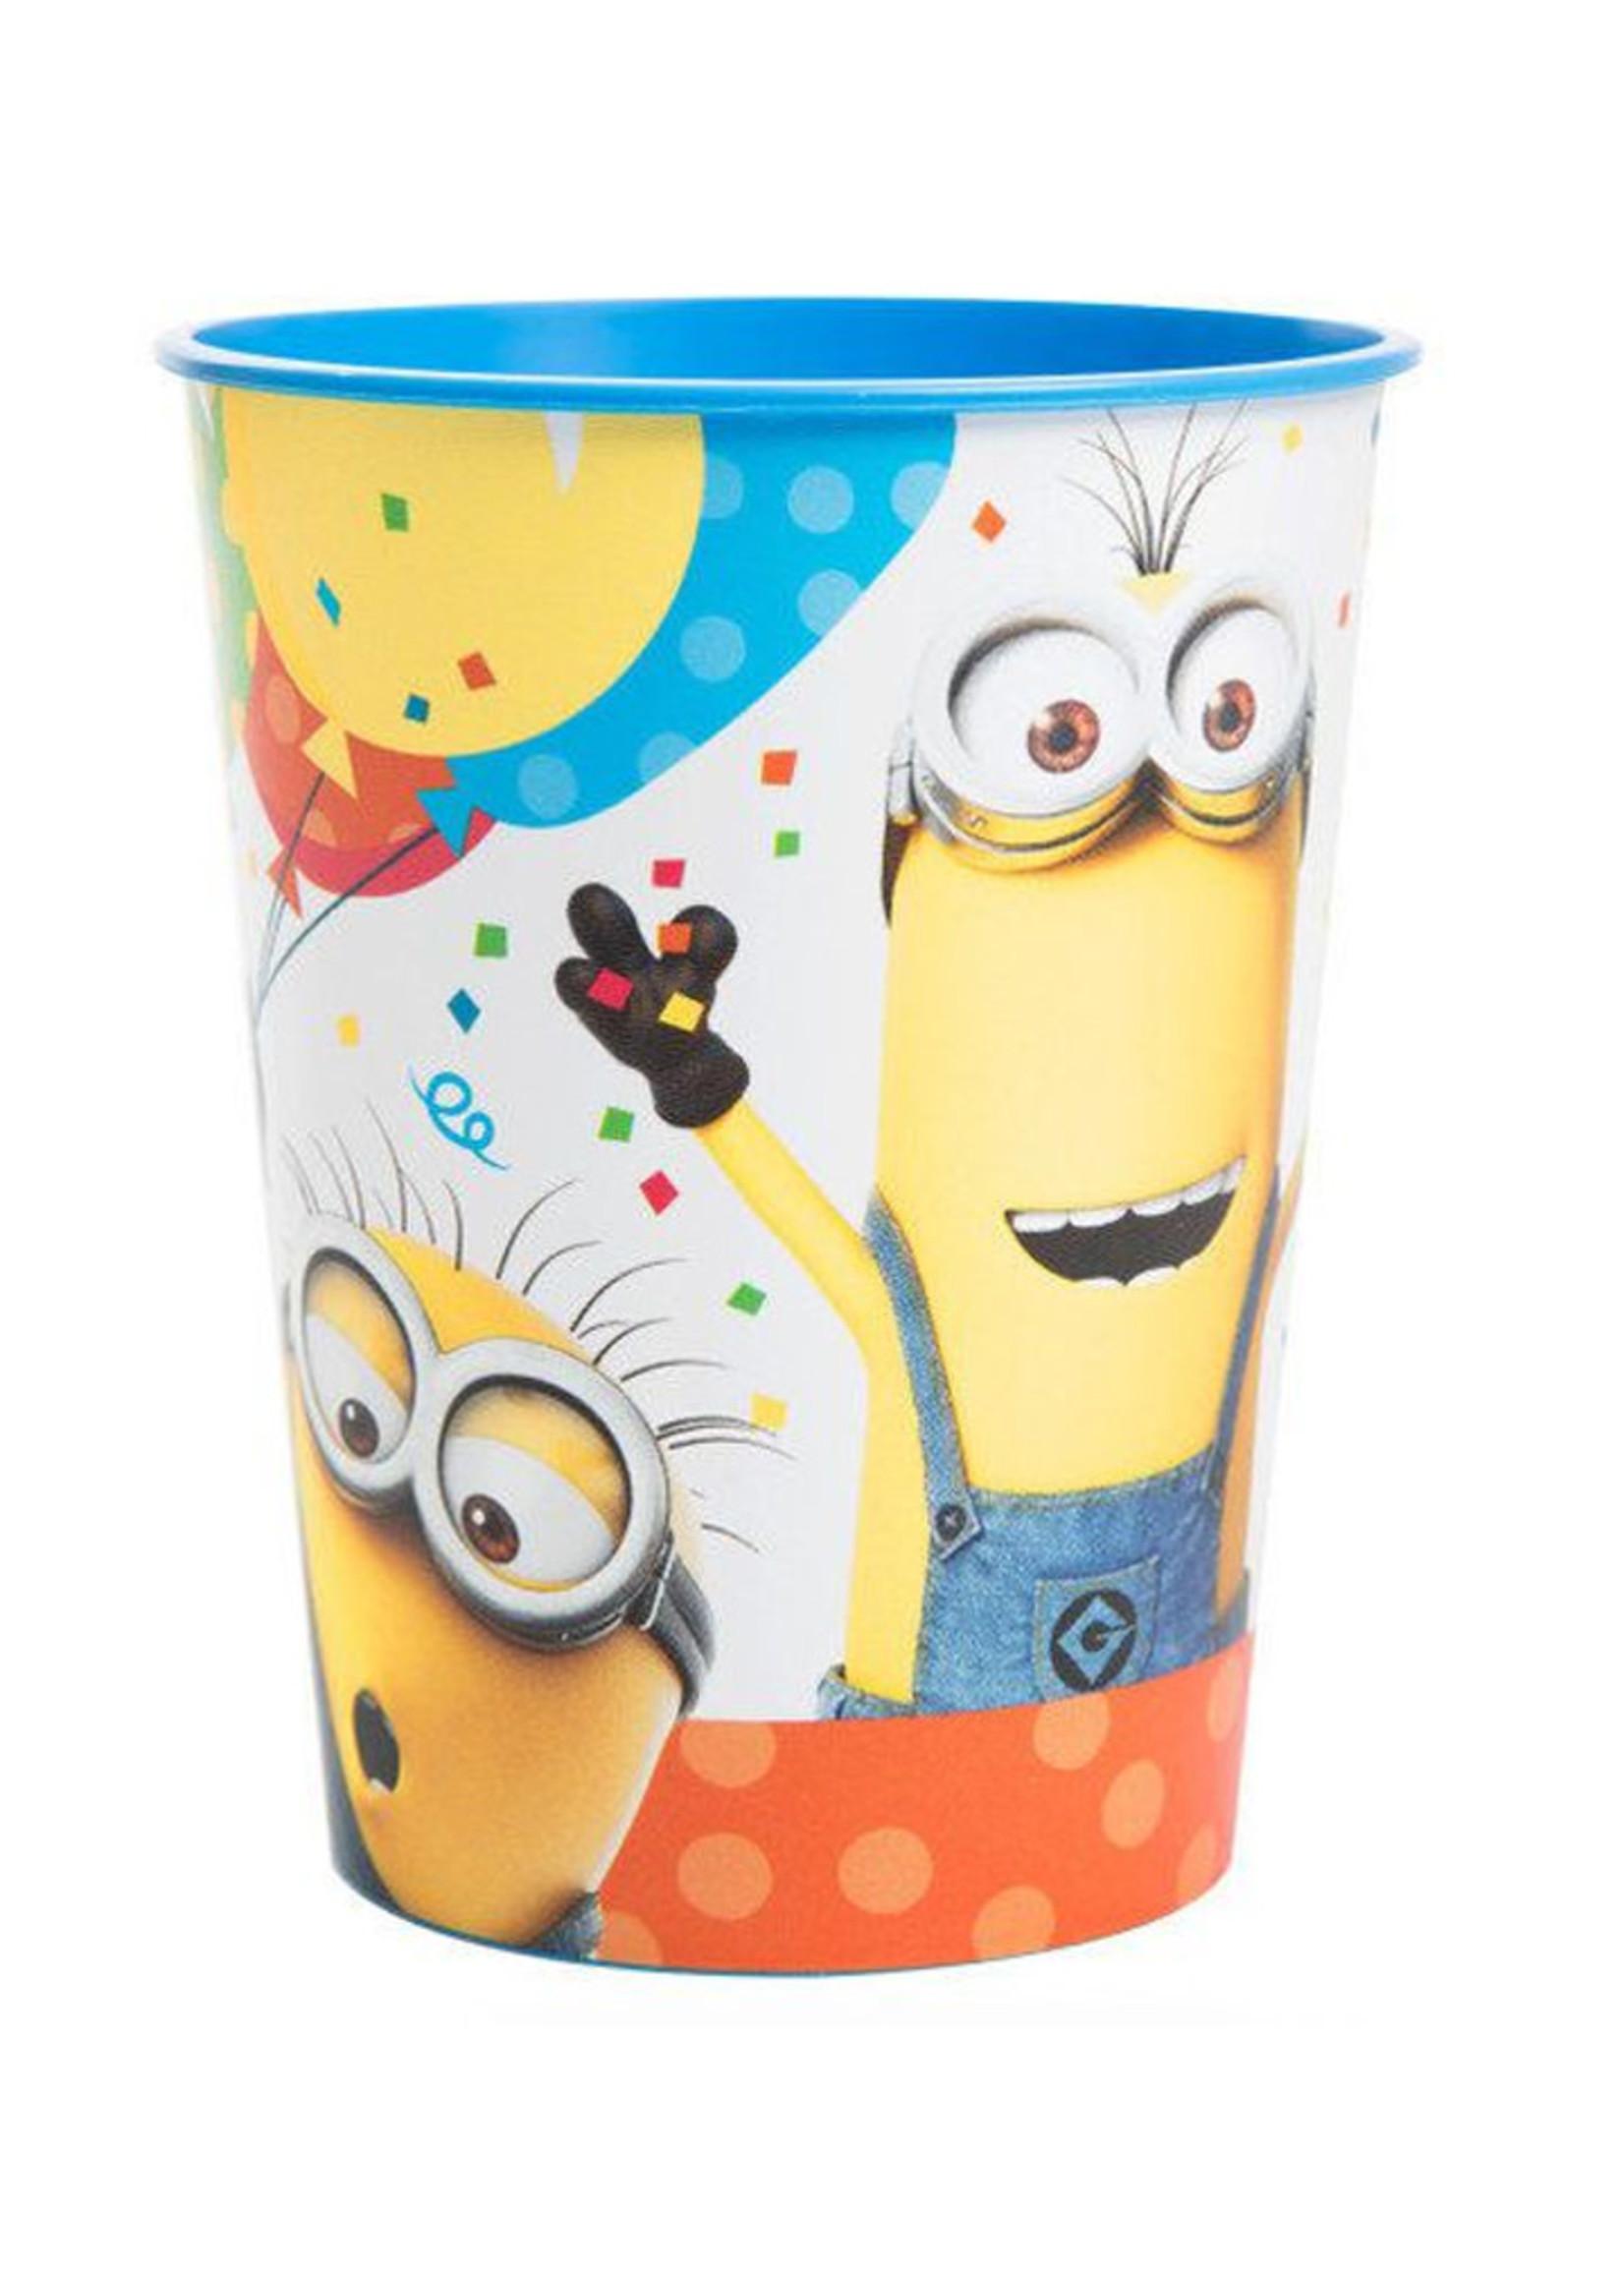 UNIQUE INDUSTRIES INC Despicable Me Minions 16oz Plastic Cups